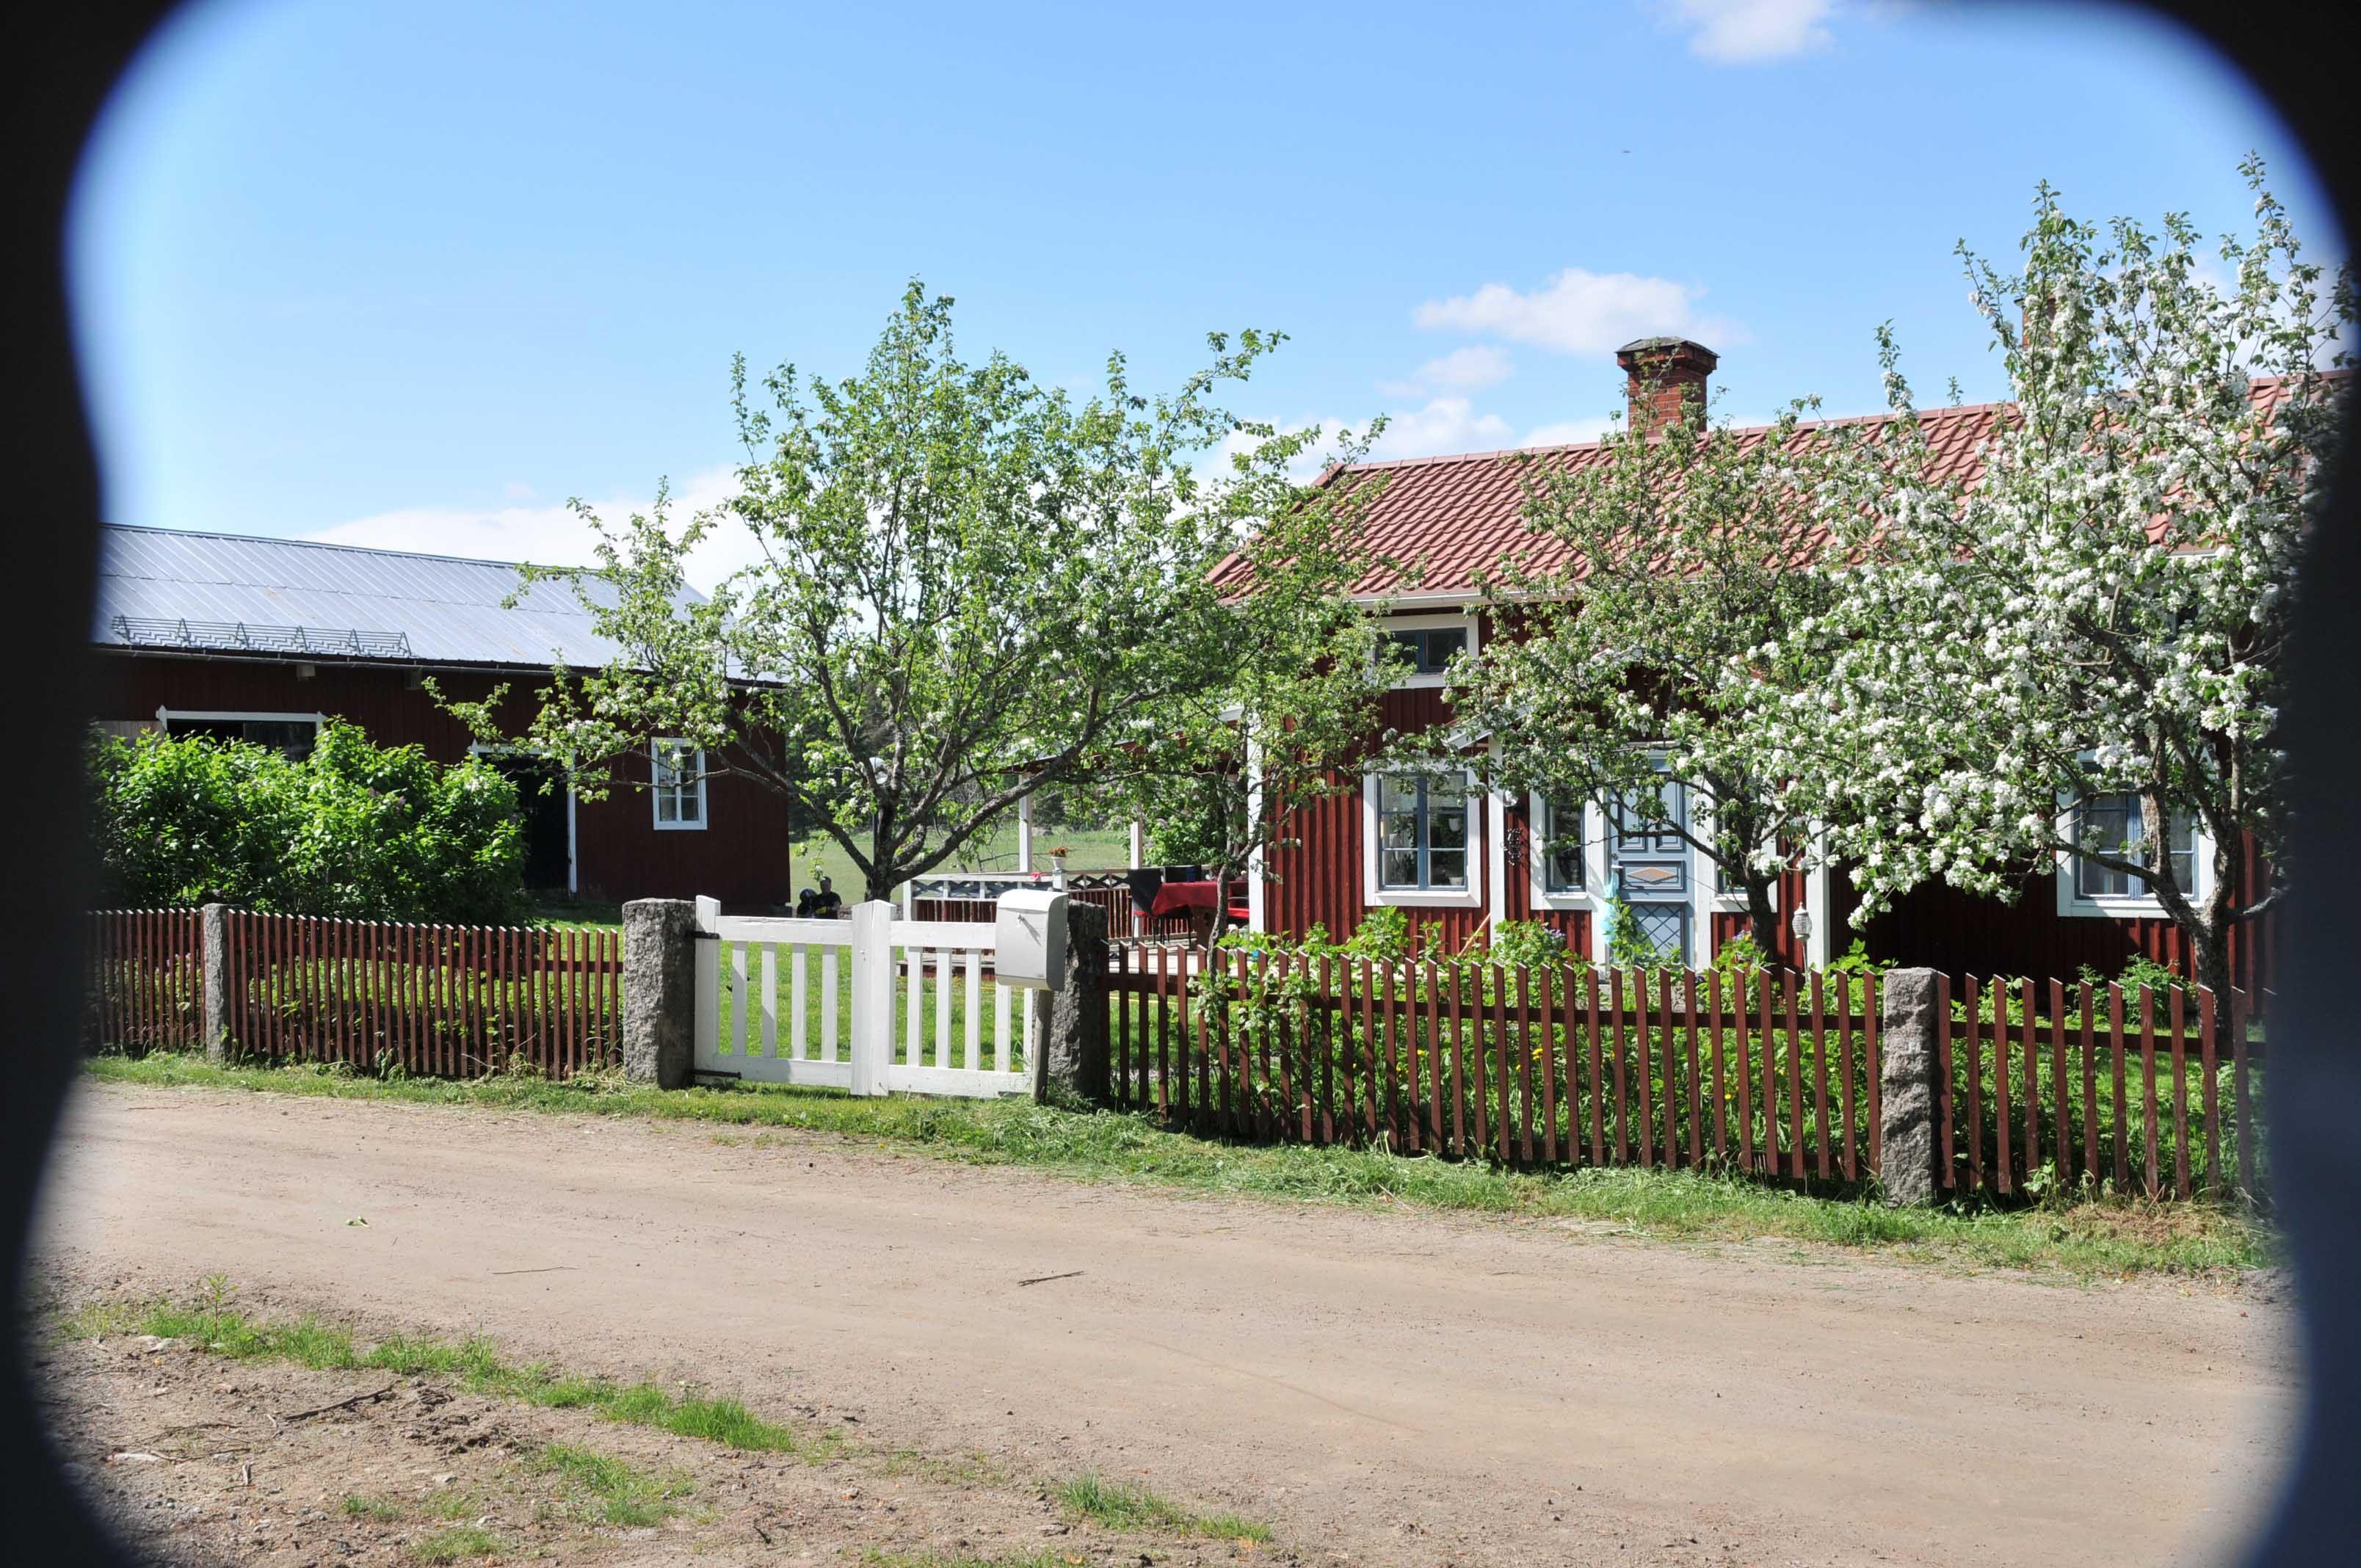 Fritidshus, nära Bollnäs golfklubb, Kilafors, Hälsingland